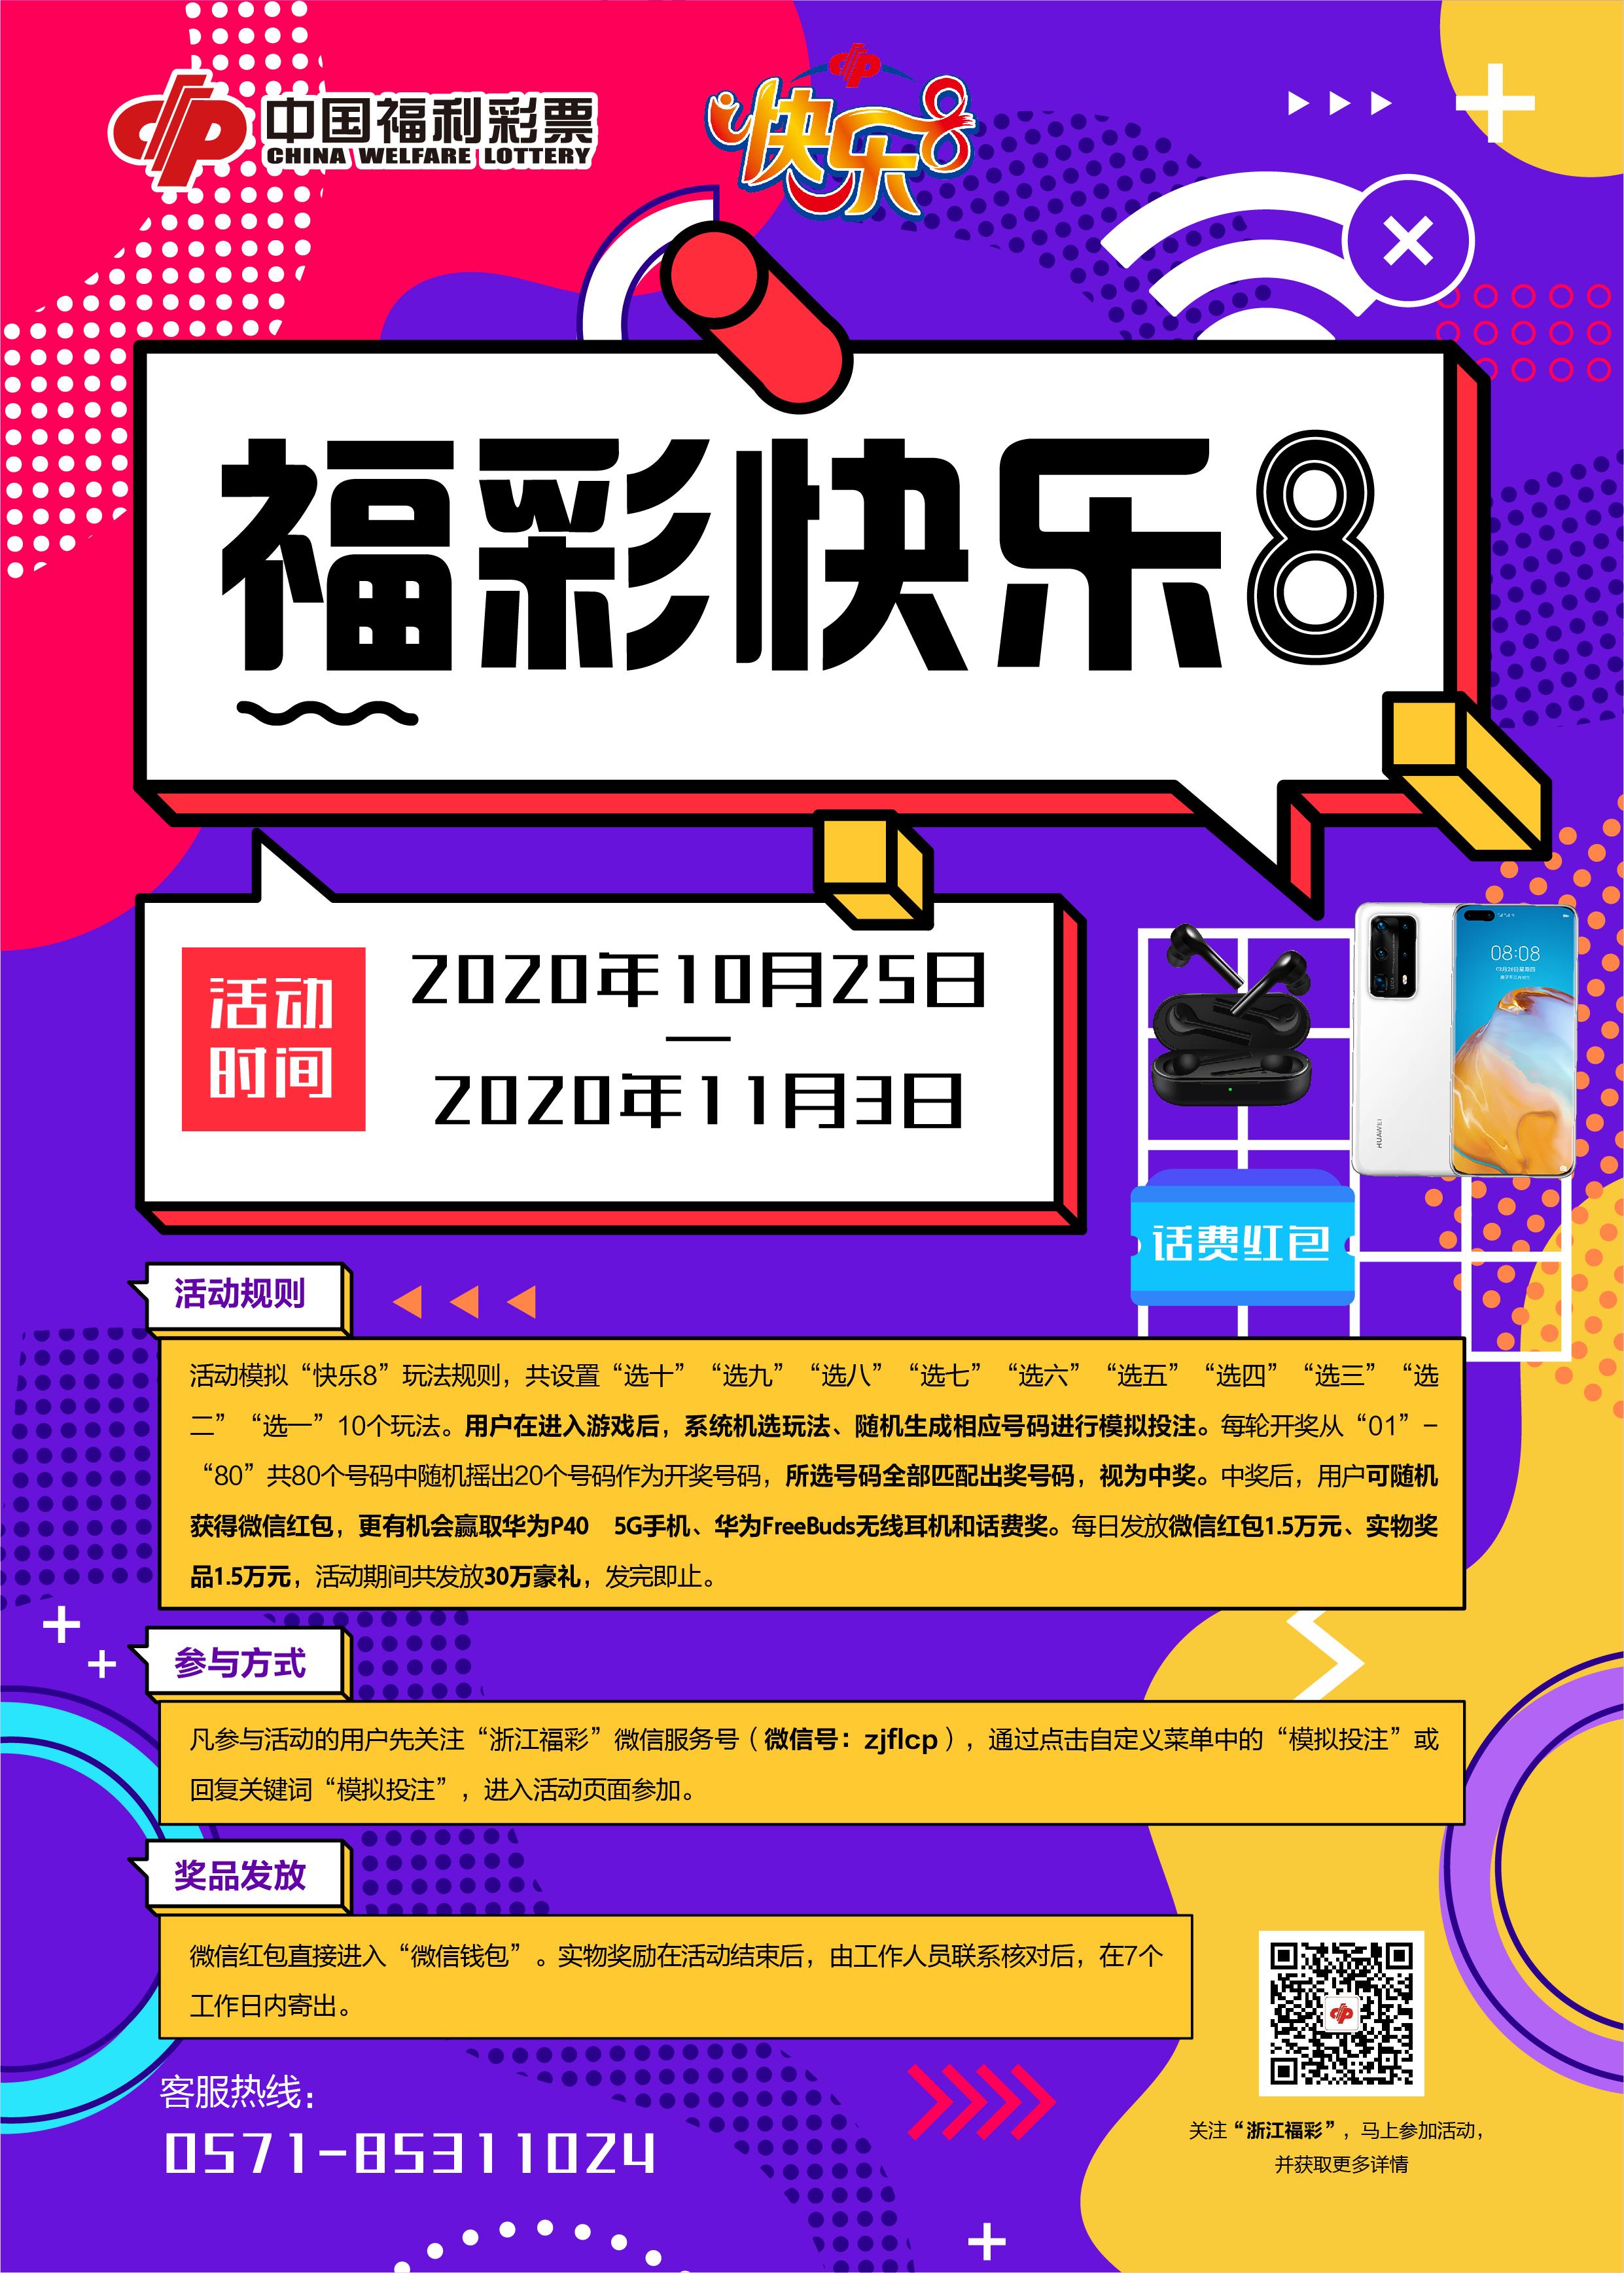 """谈古论今 福彩新游戏""""快乐8""""竟拥有百年历史"""